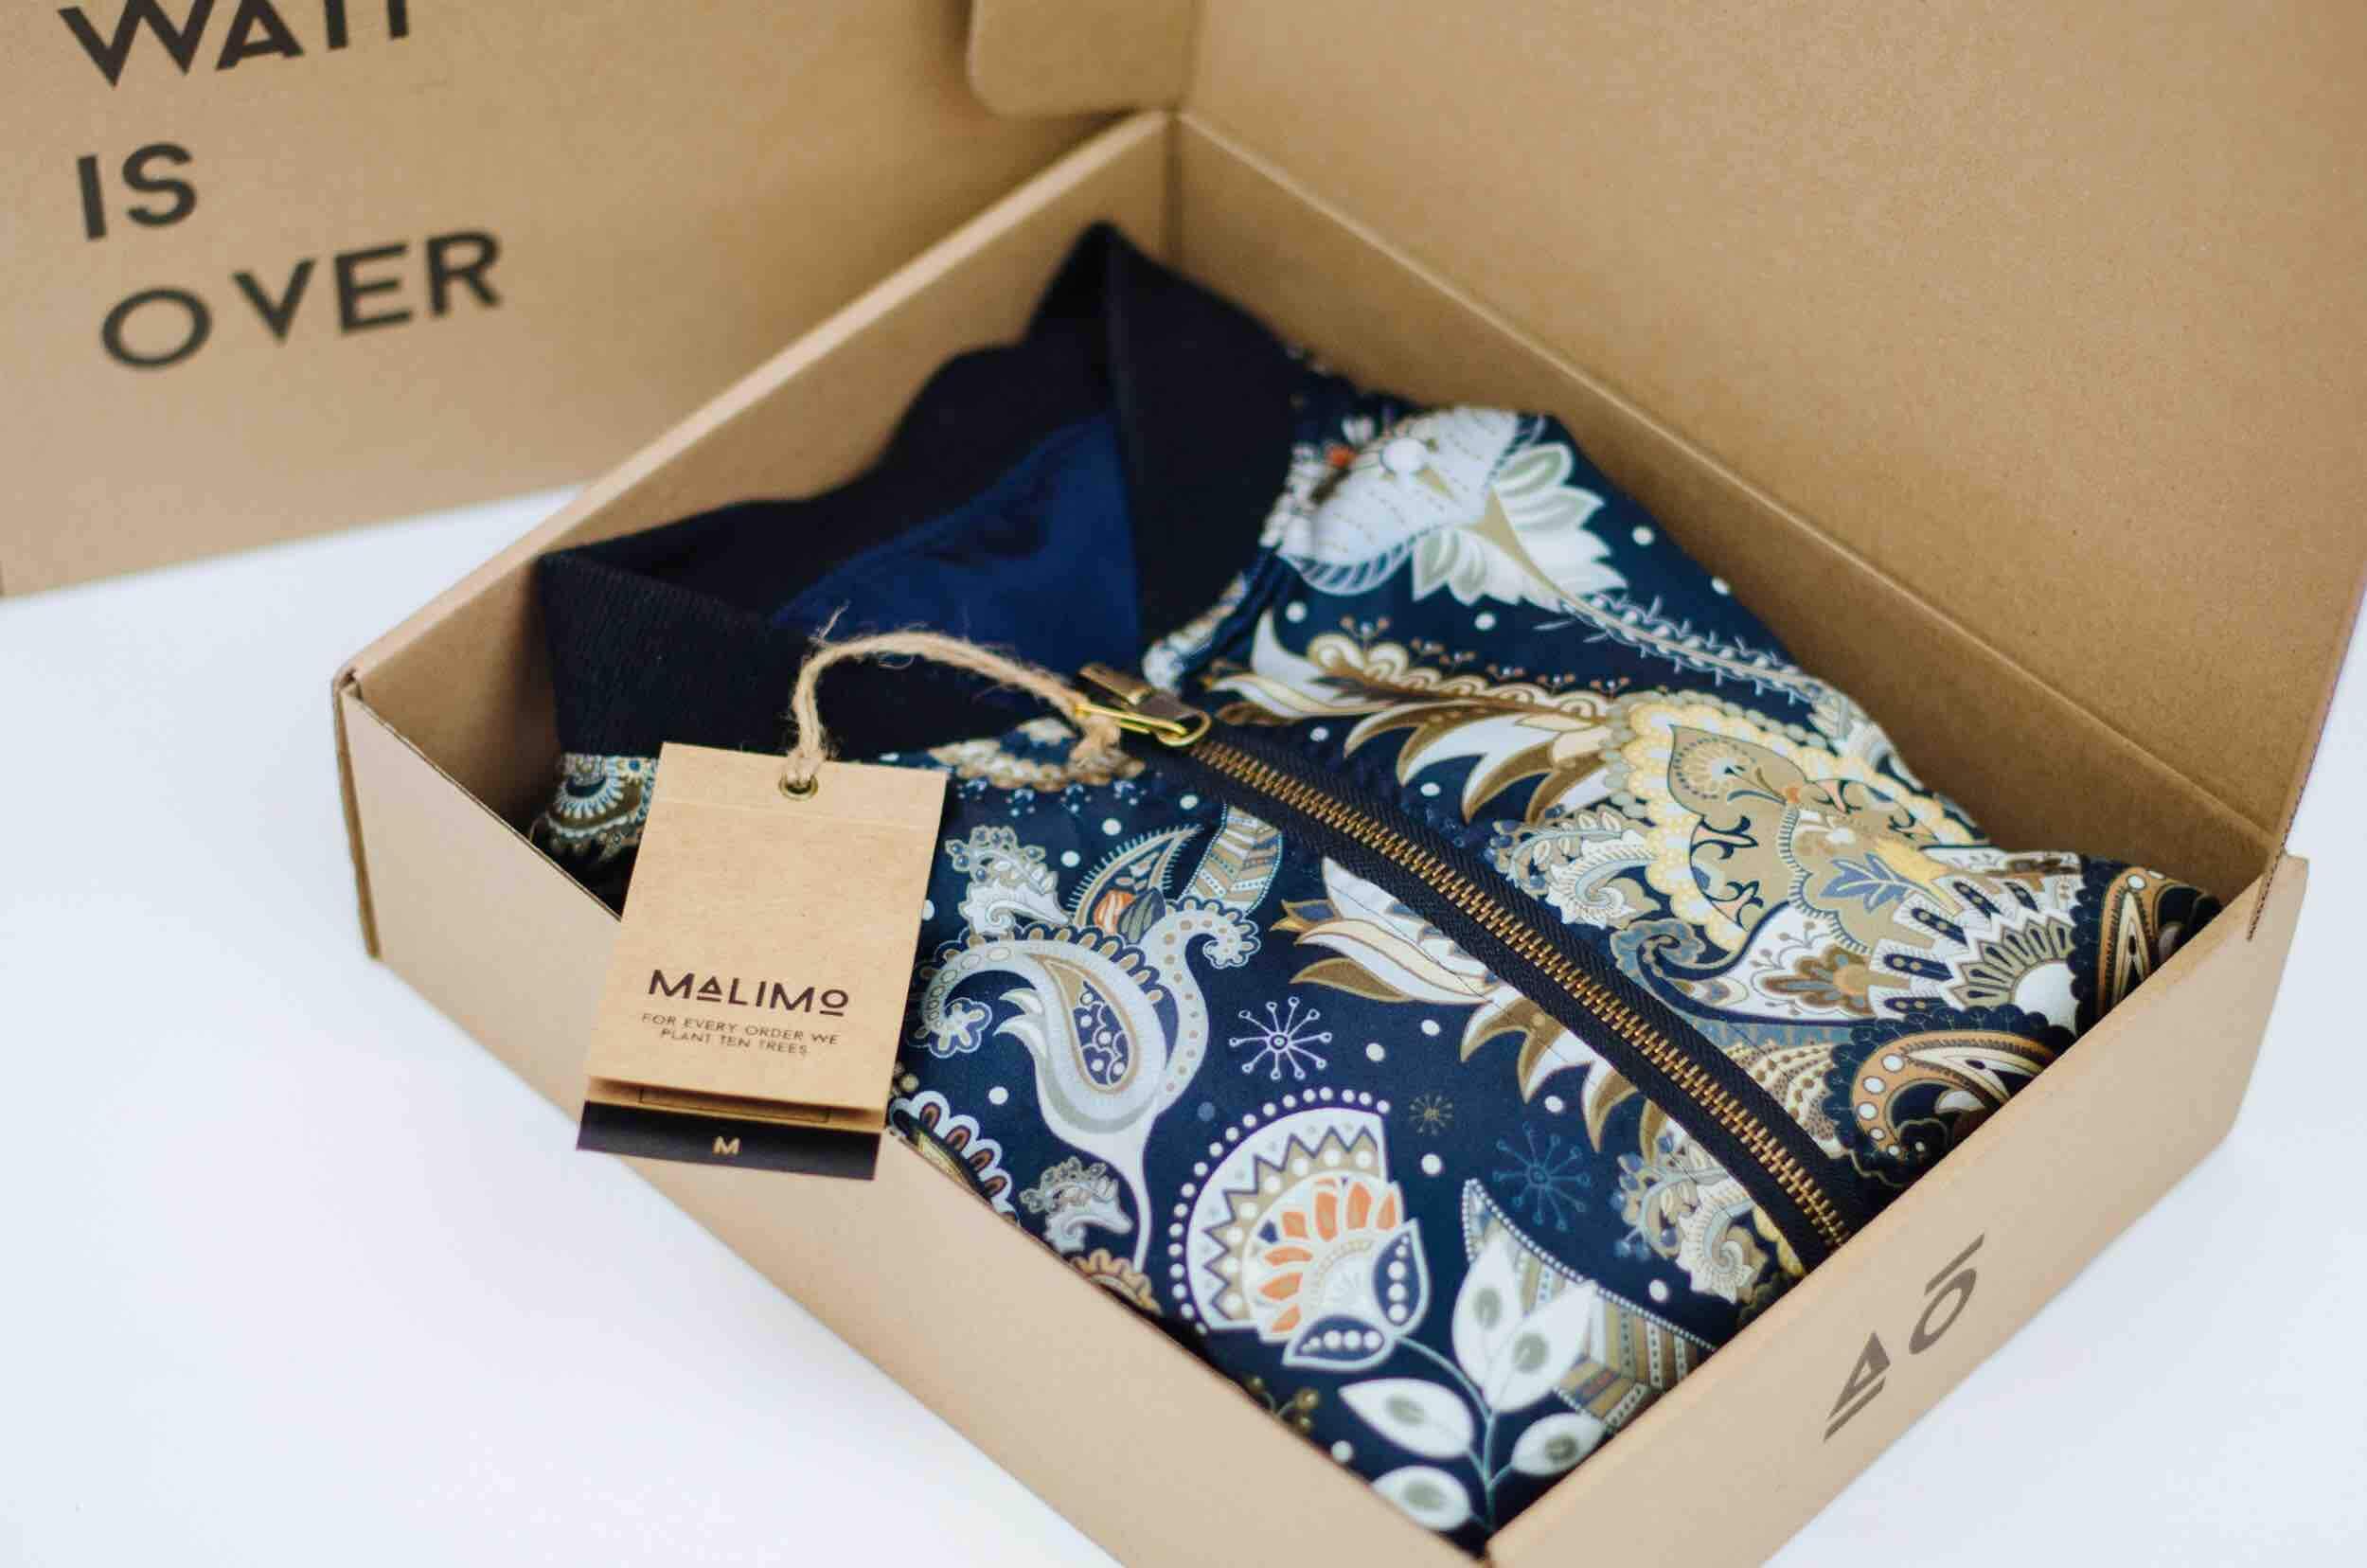 emballage en carton pour l'envoi de vêtements